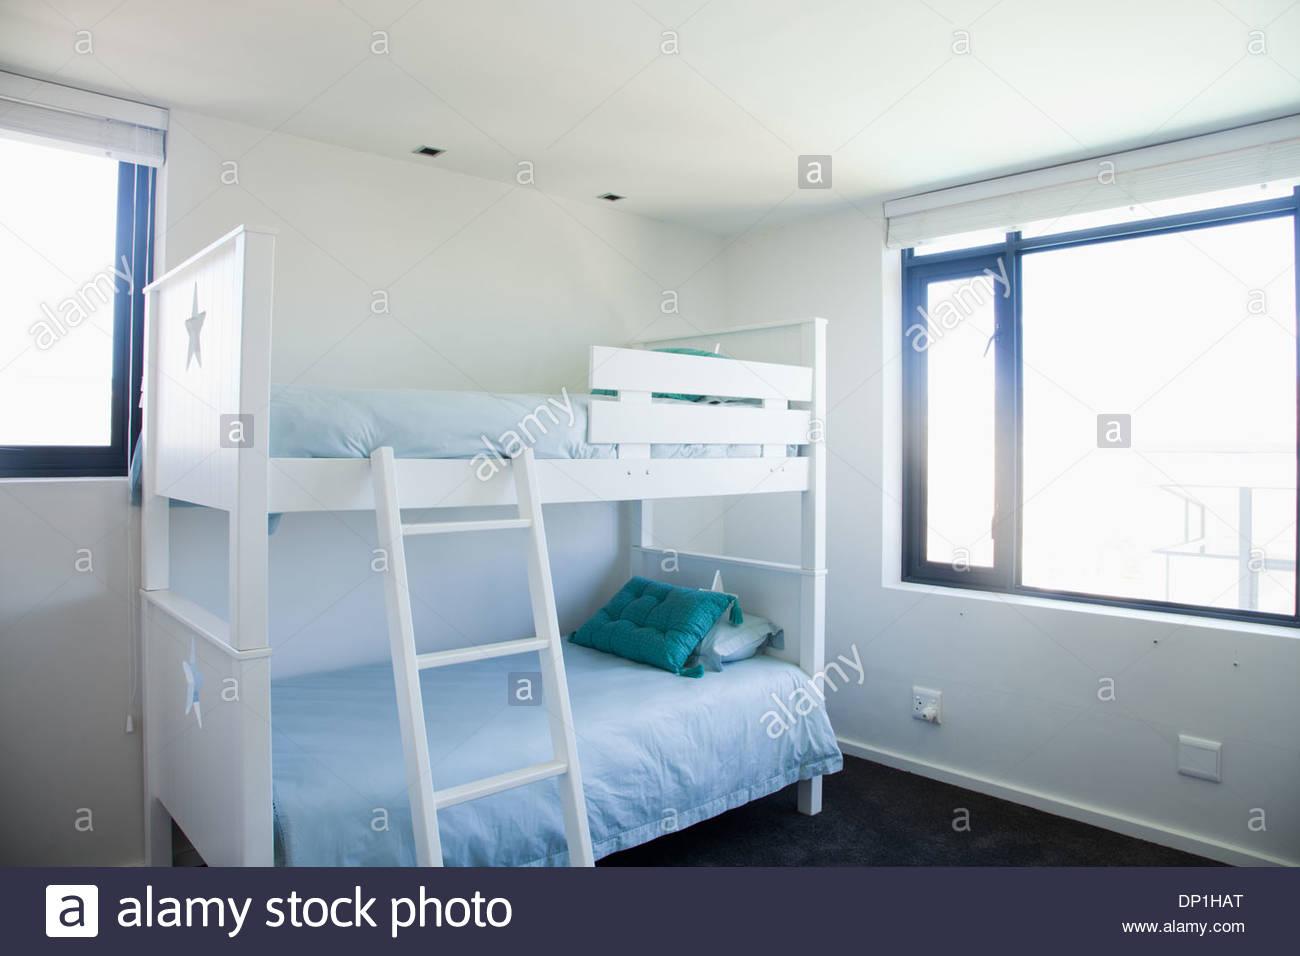 Bunk beds in childrenÂ's bedroom - Stock Image